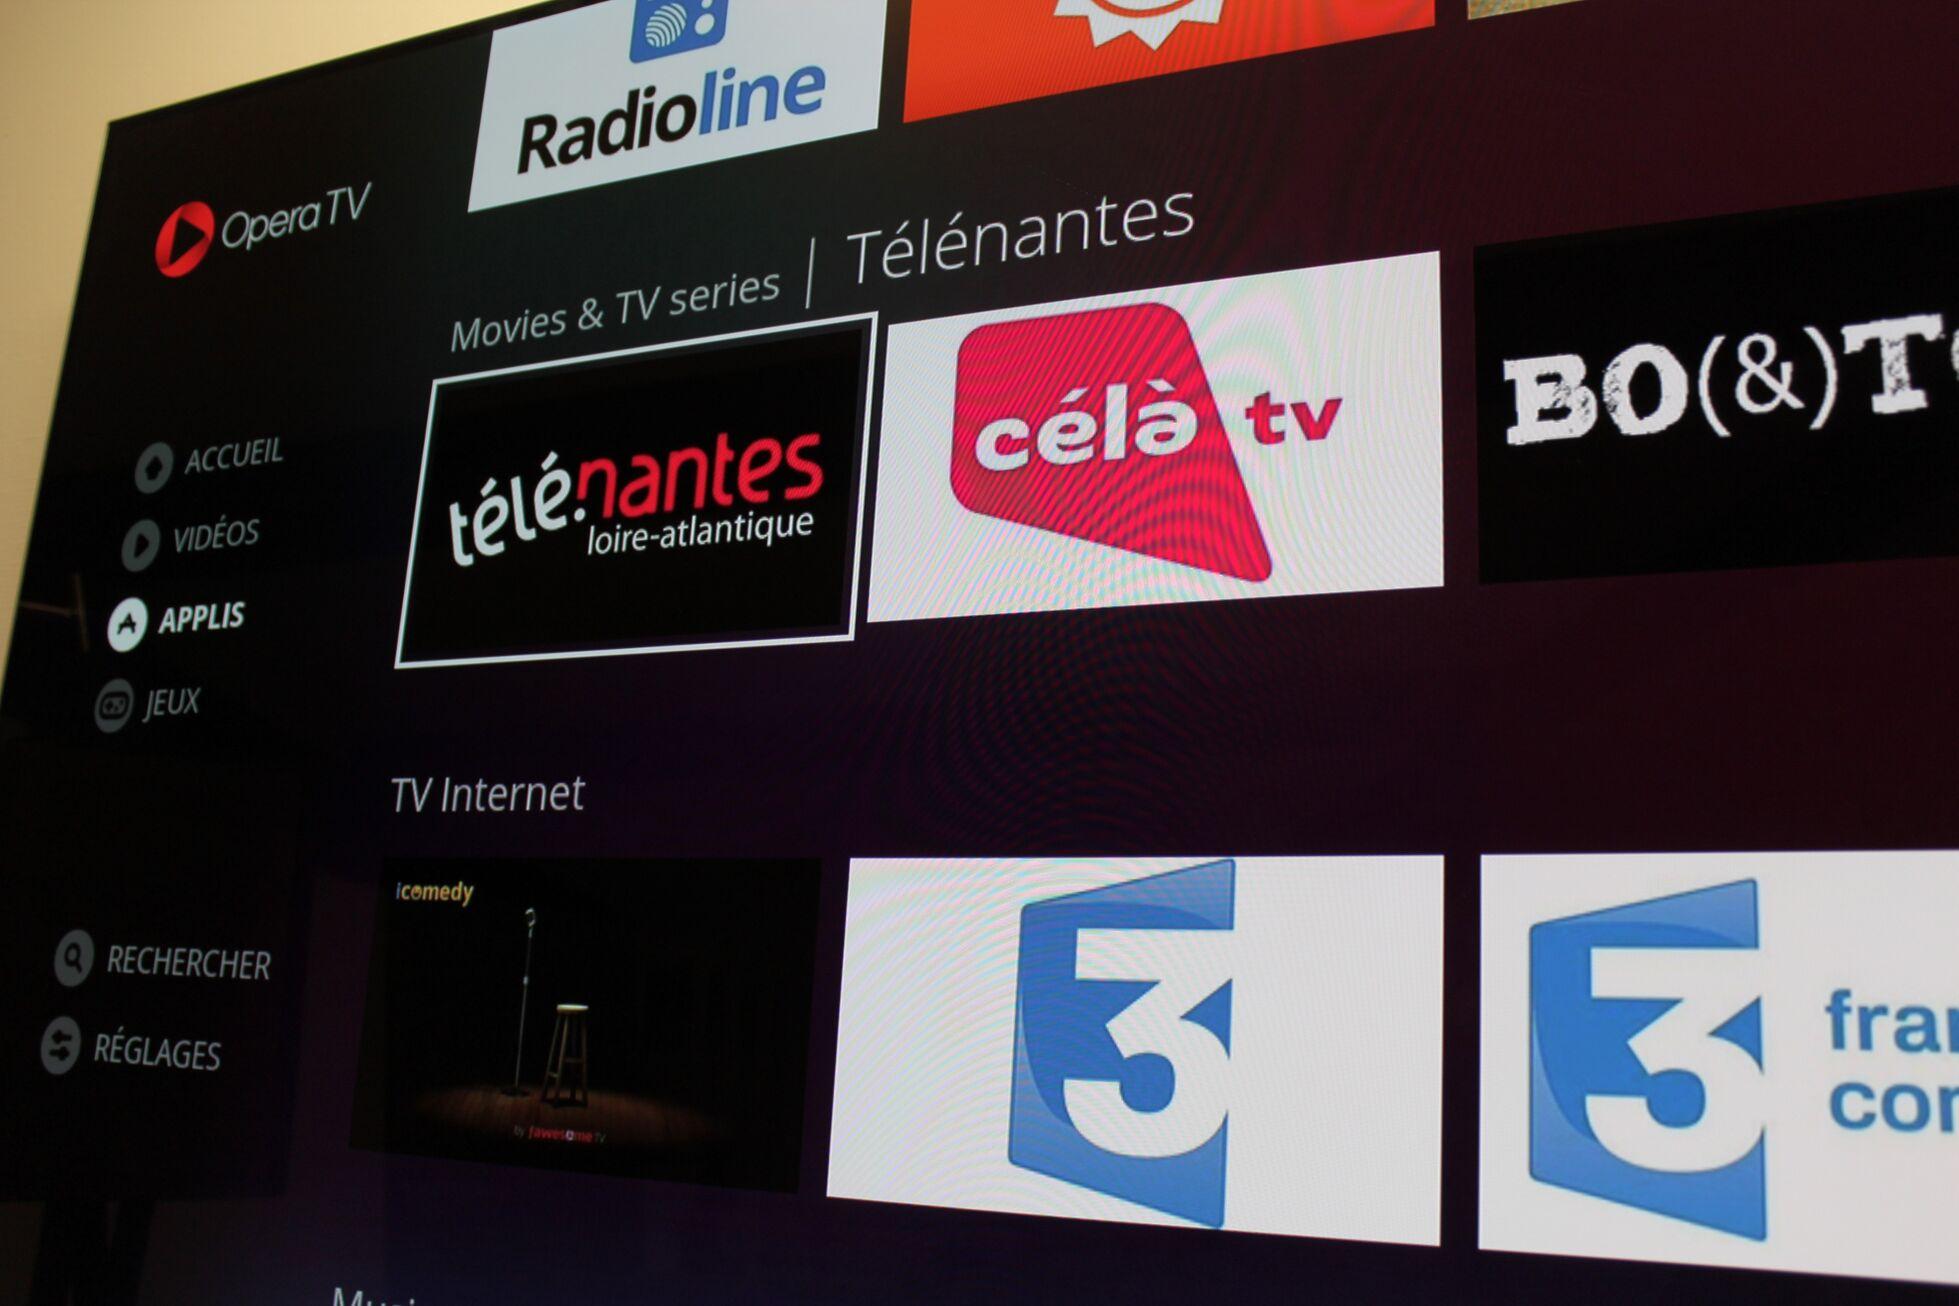 welk apps voor sony tv